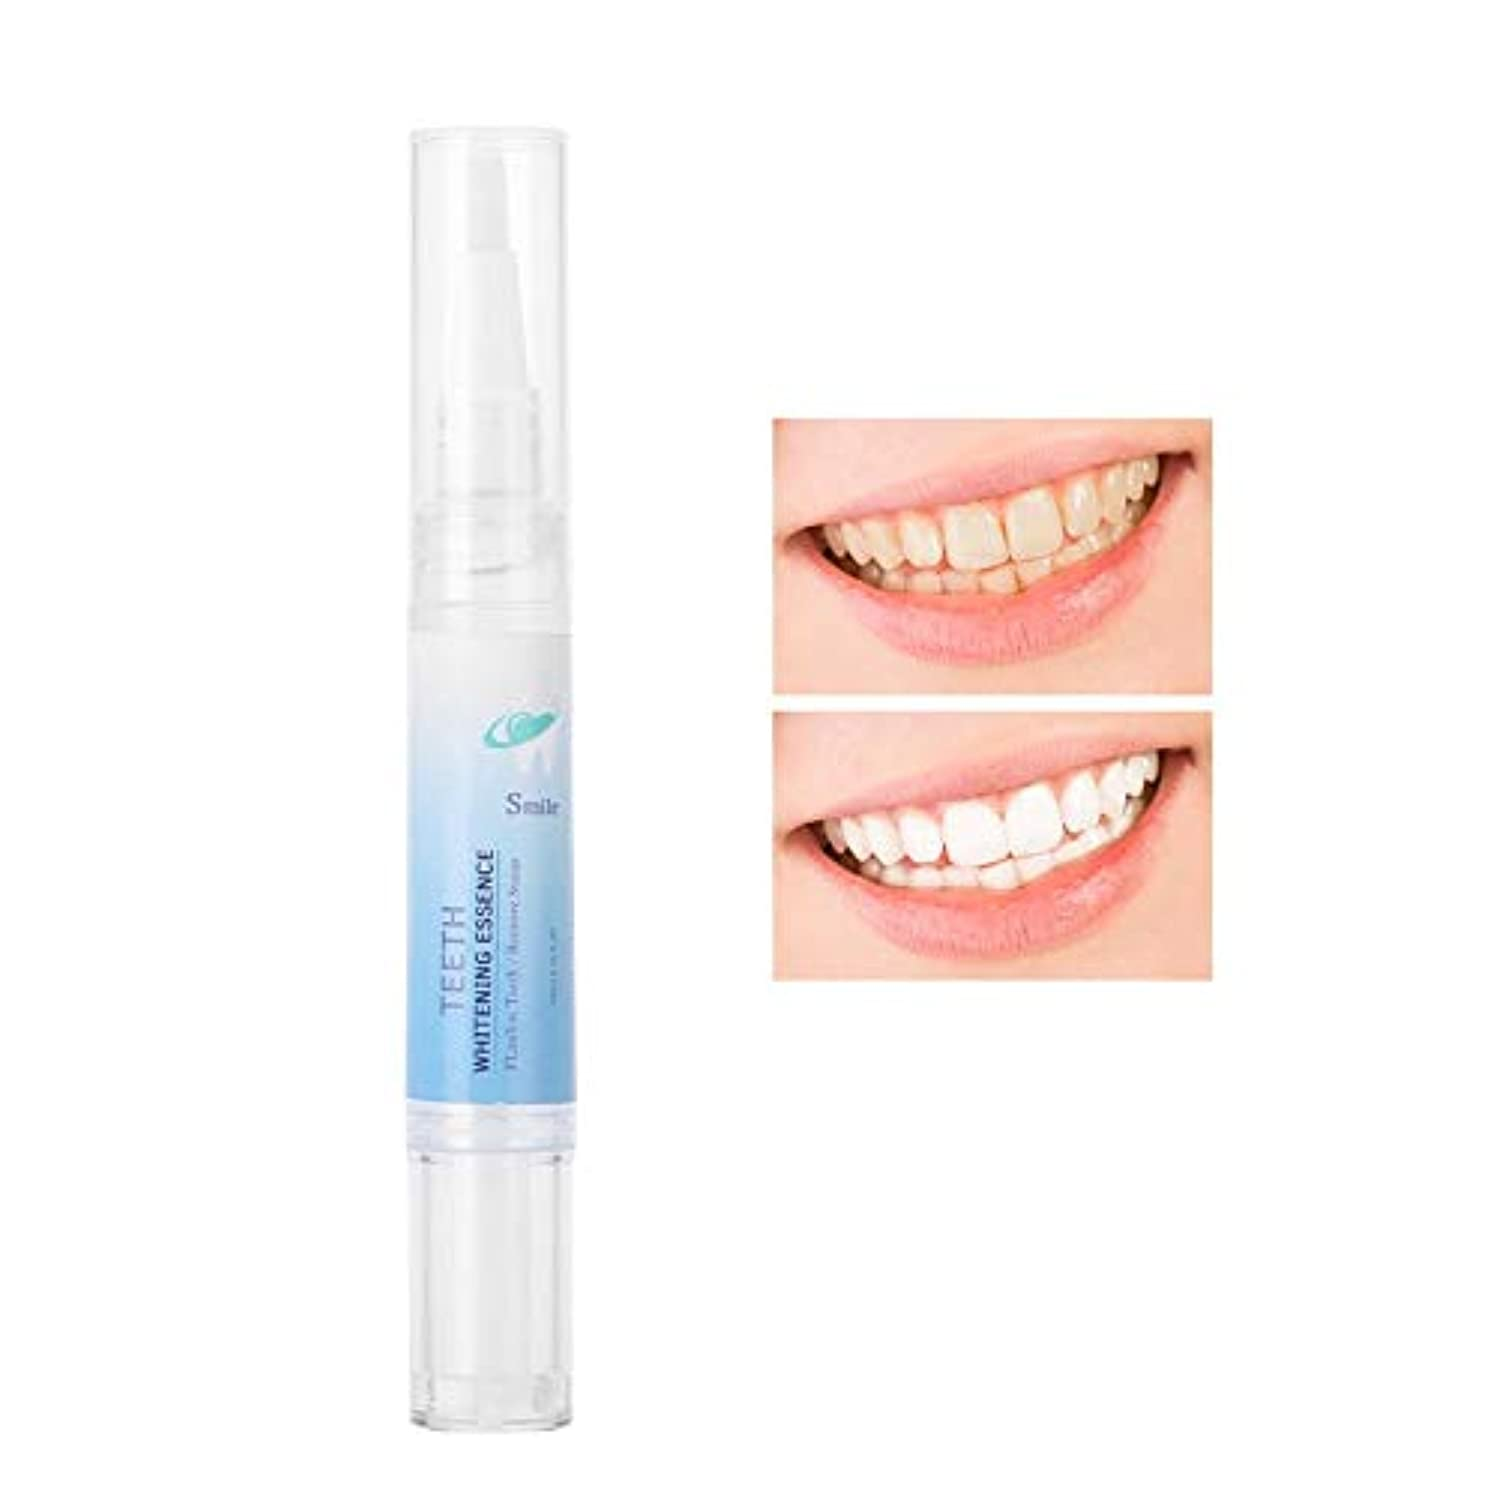 遠足ブラスト毛細血管歯ホワイトニングペン 歯汚れのリムーバー 歯を白くする美白歯磨き